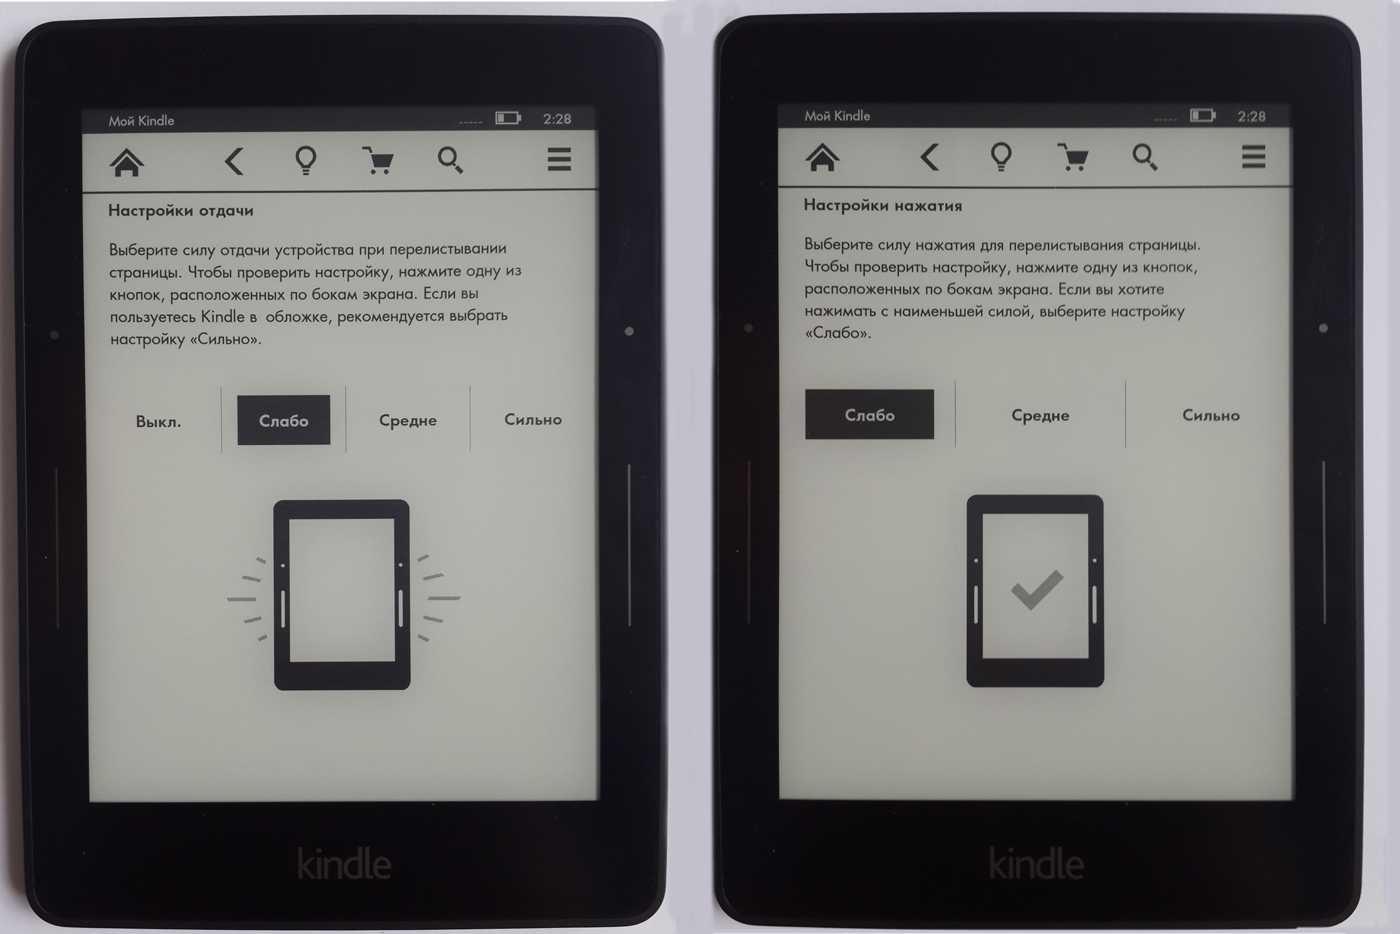 Компания Amazon наконец-то анонсировала новое (третье) поколение флагманских электронных книг Kindle Oasis привлекающих наличием функции контроля цветового оттенка